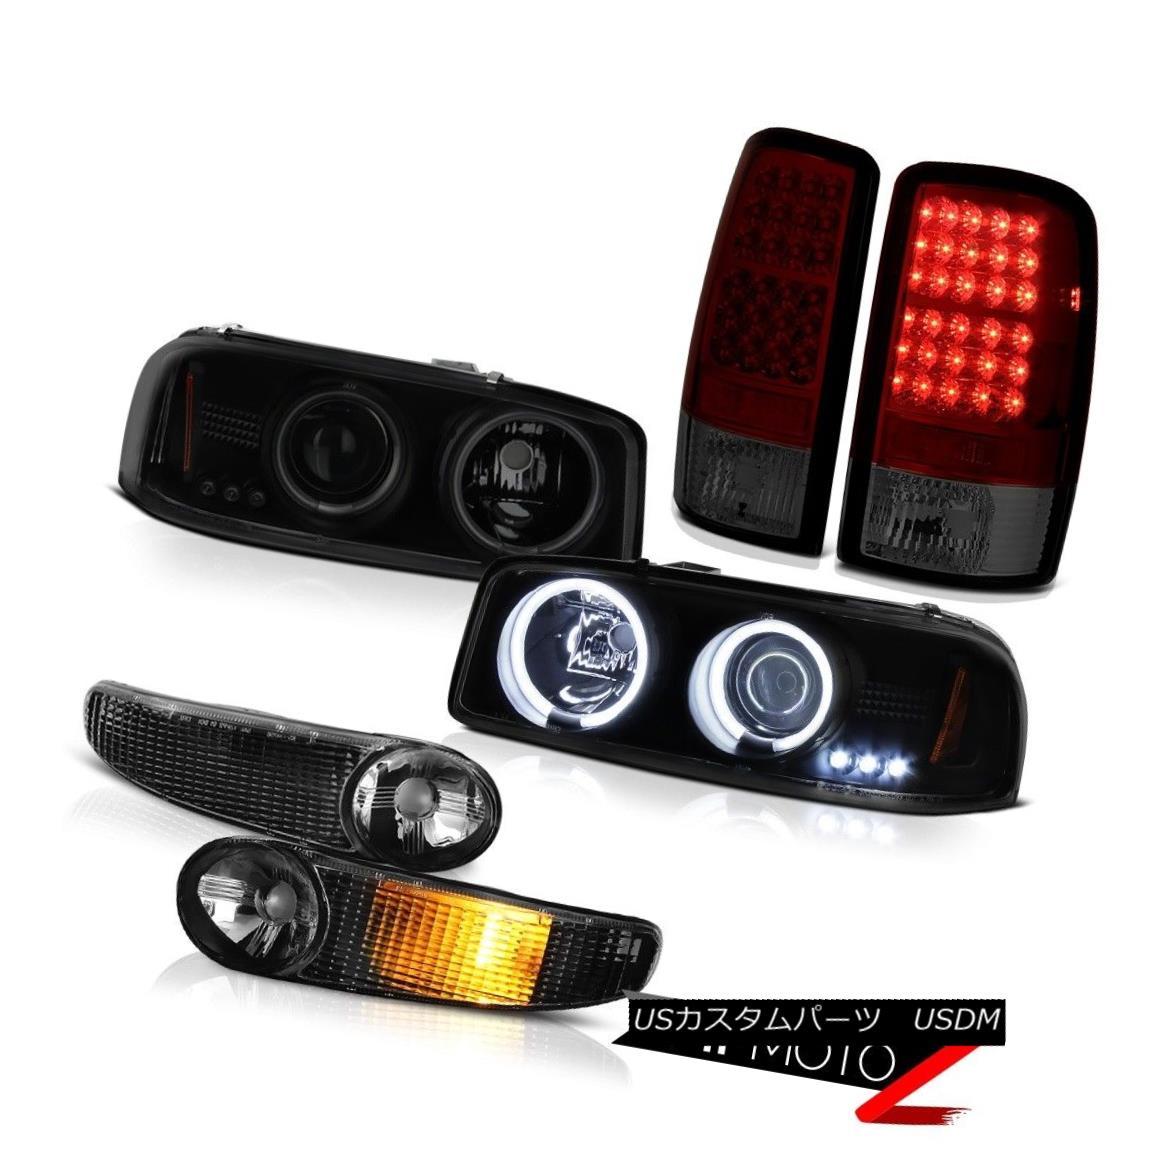 テールライト CCFL Halo Headlight Matte Signal Dark Red Tail Lights 2000-2006 GMC Yukon Denali CCFL Haloヘッドライトマットシグナルダークレッドテールライト2000-2006 GMC Yukon Denali